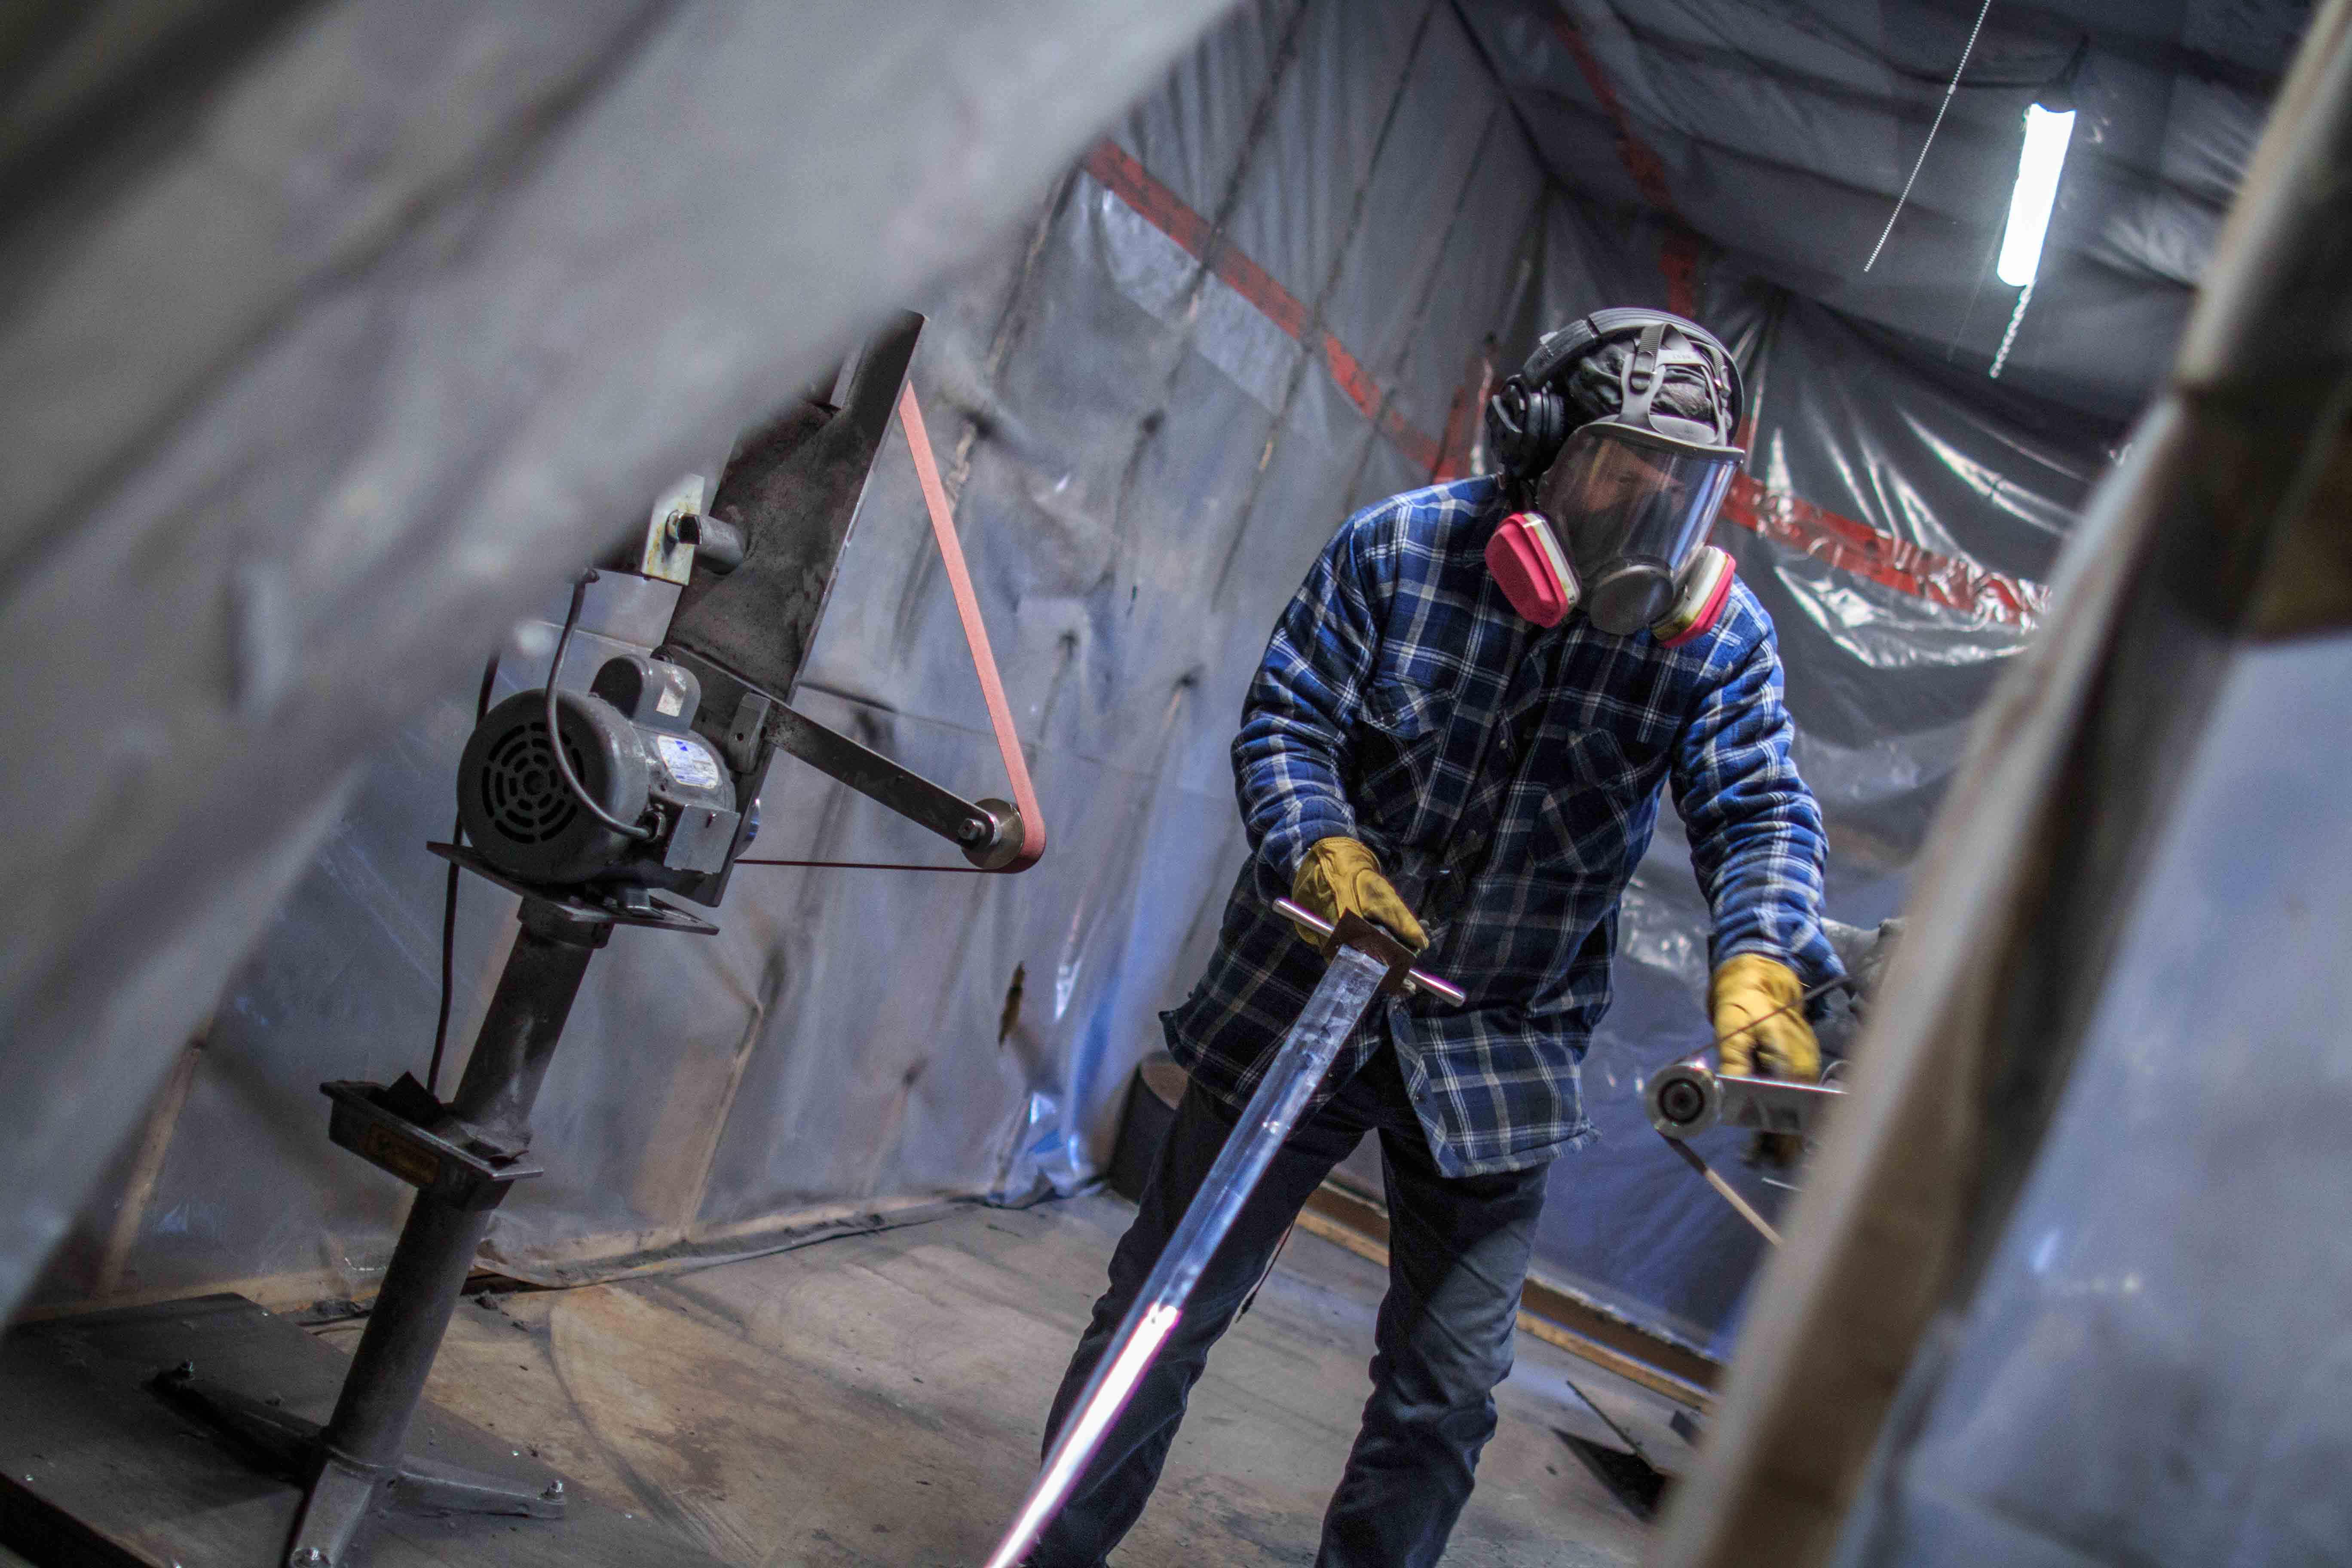 Épées légendaires forgeron blacksmith montreal swords historic reproduction historical reenactment